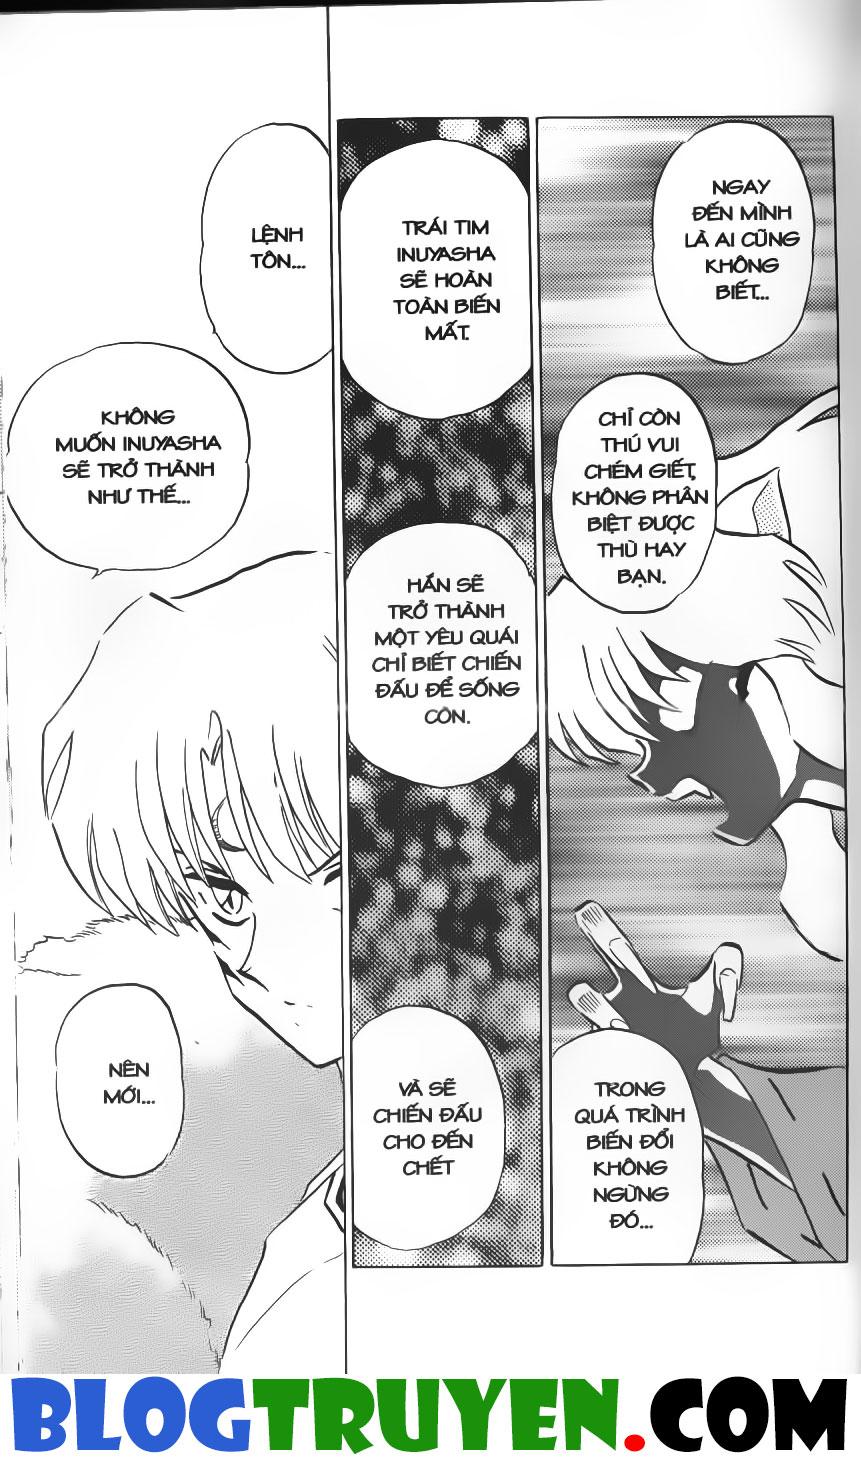 Inuyasha vol 19.5 trang 12